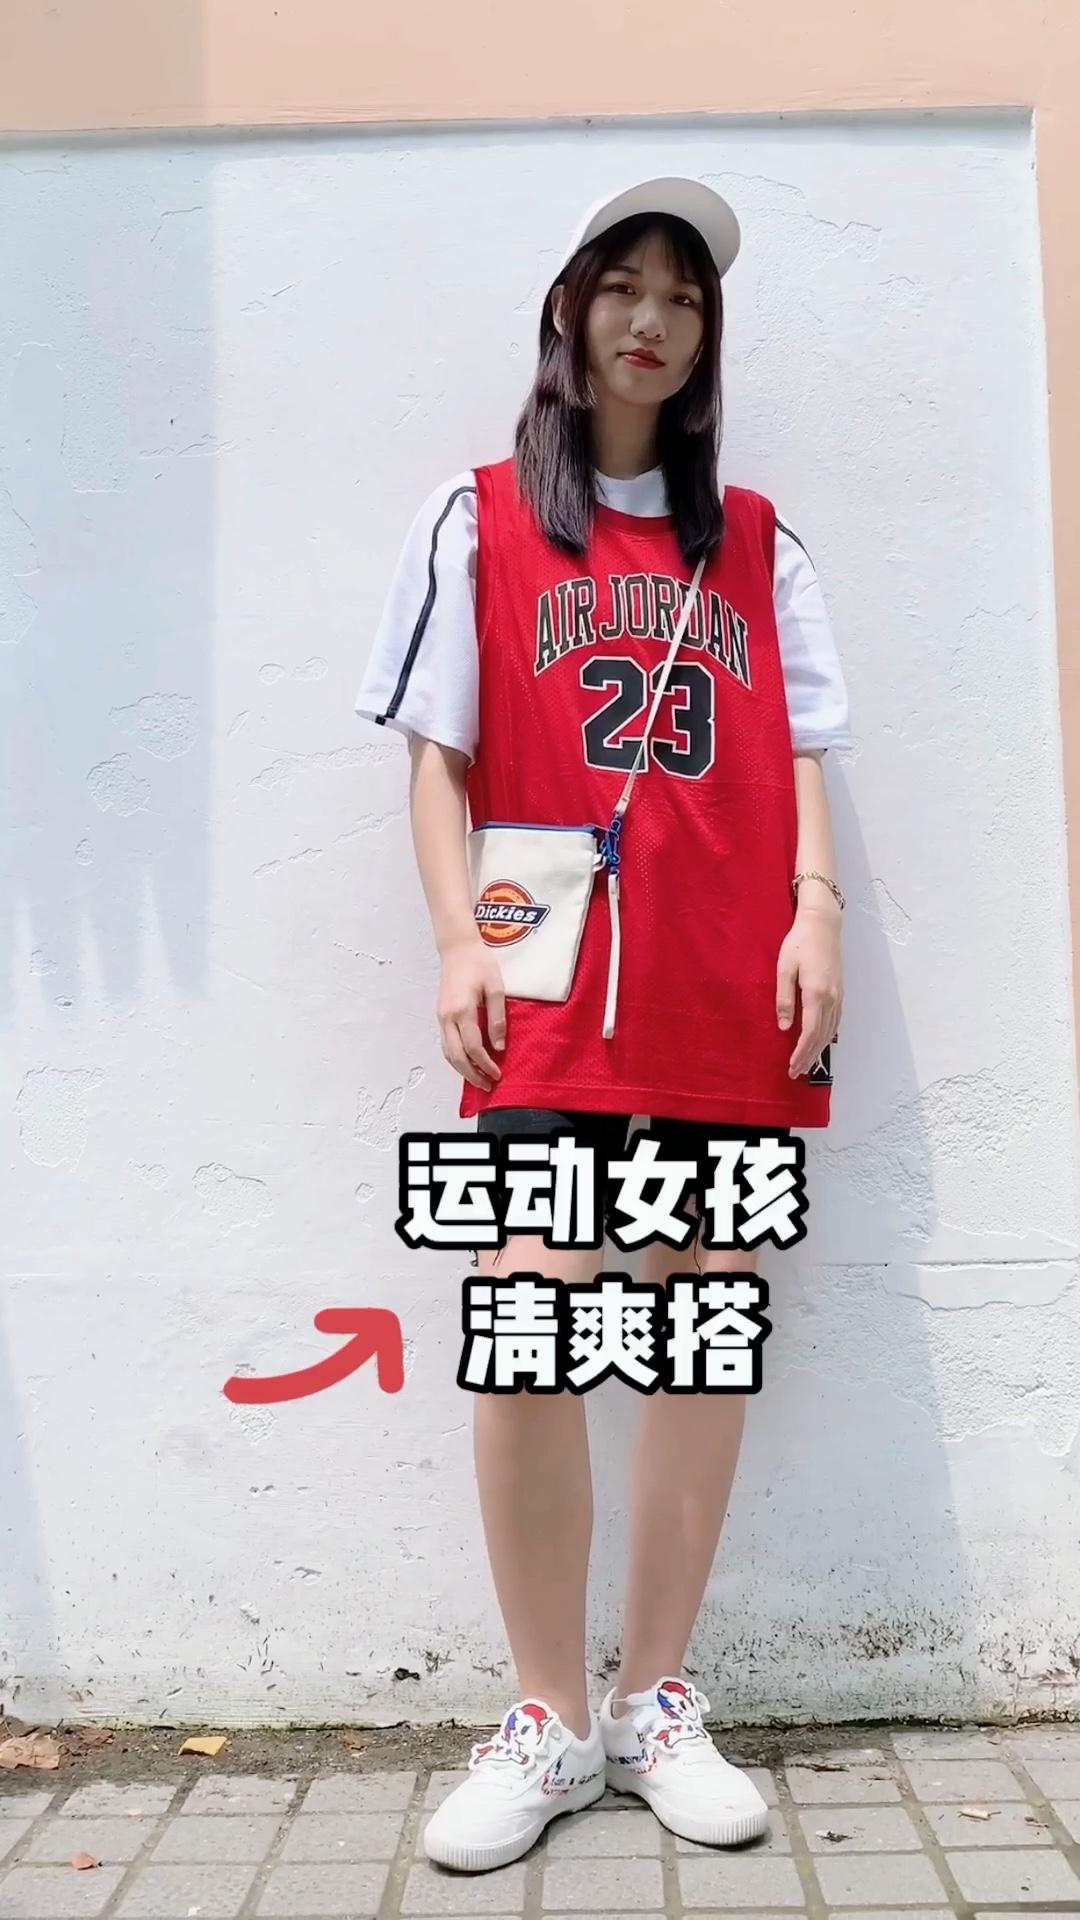 乔丹球衣也是流行了好多年了 里面搭配白色t就ok 低调短裤显瘦 上衣长度很遮屁股肉肉 所以上衣可以选择大一码的哦~ 配饰都是呼应整体风格的 搭配更完整